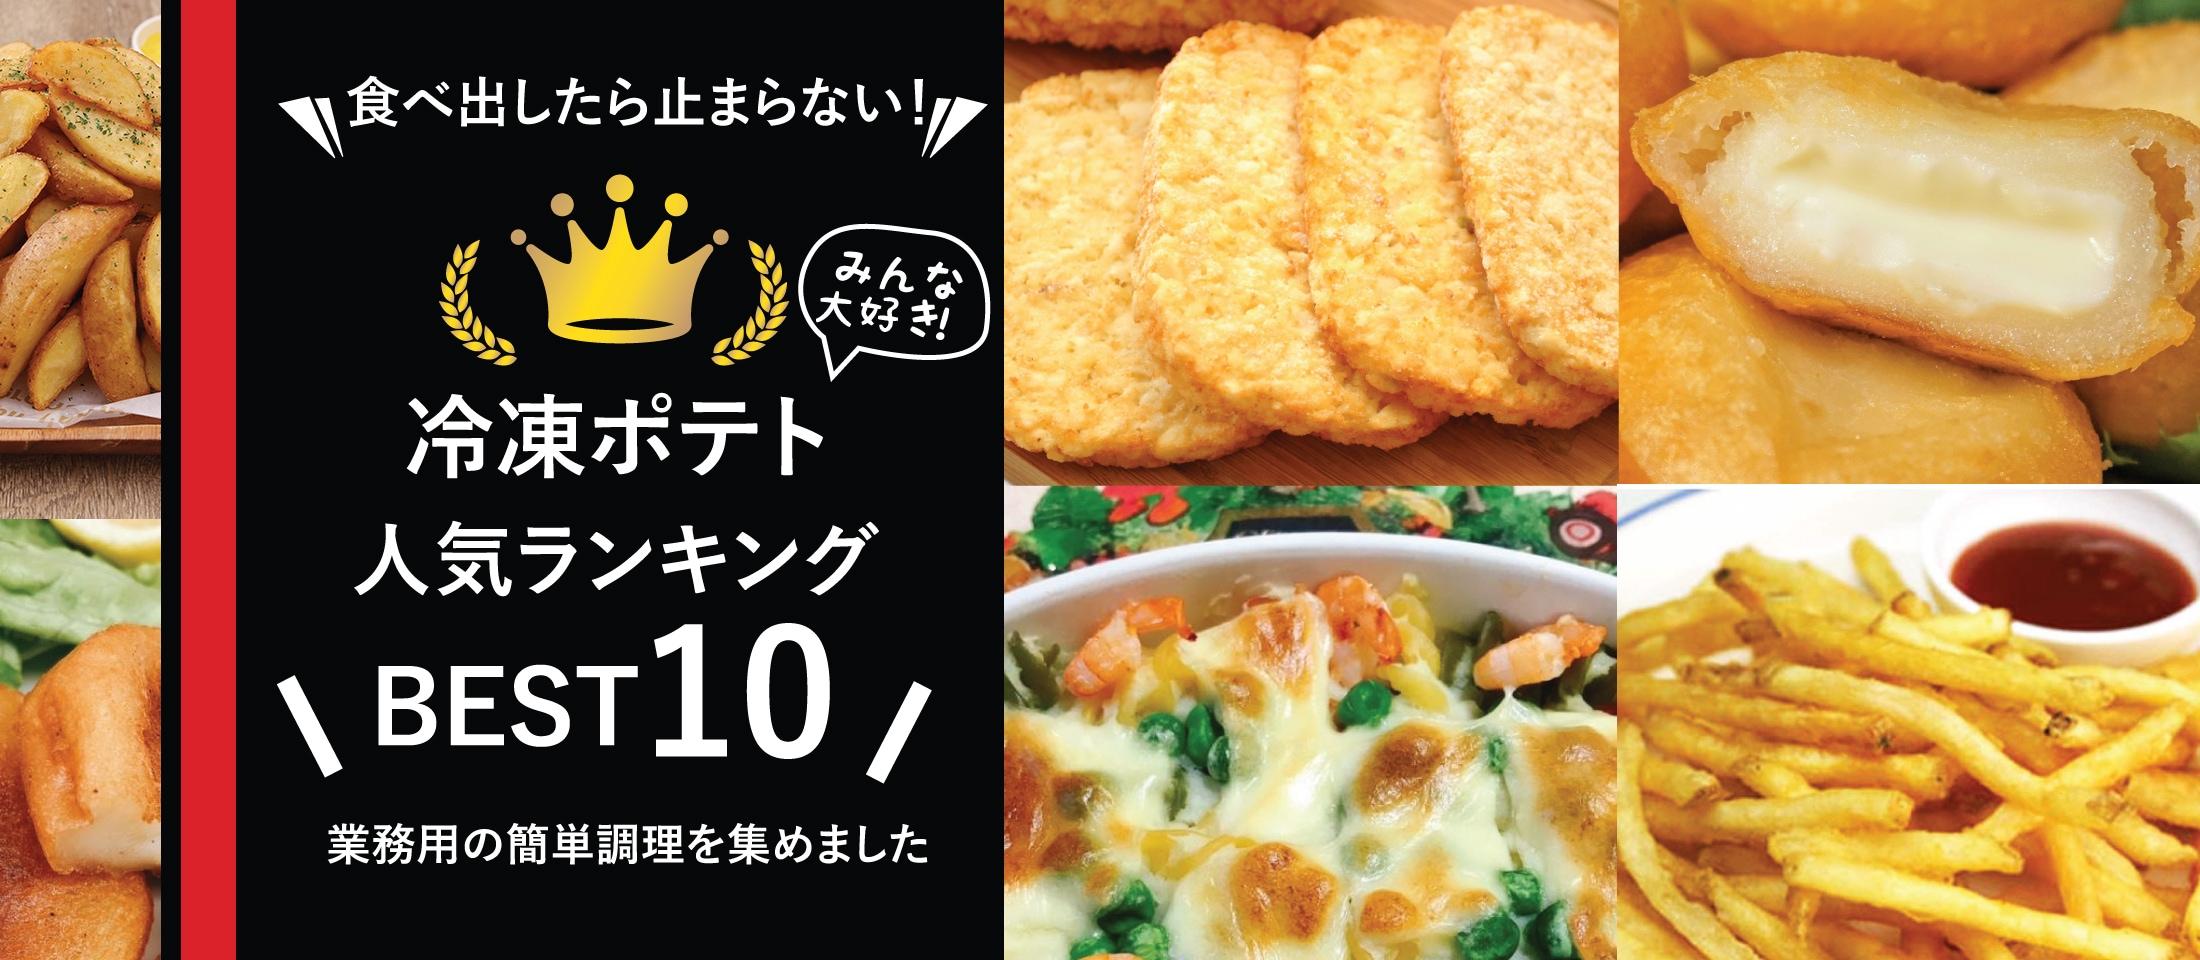 大人気 業務用食品冷凍ポテト人気ランキング10  業務用食品・冷凍食品の通販 |ナカヤマフーズ